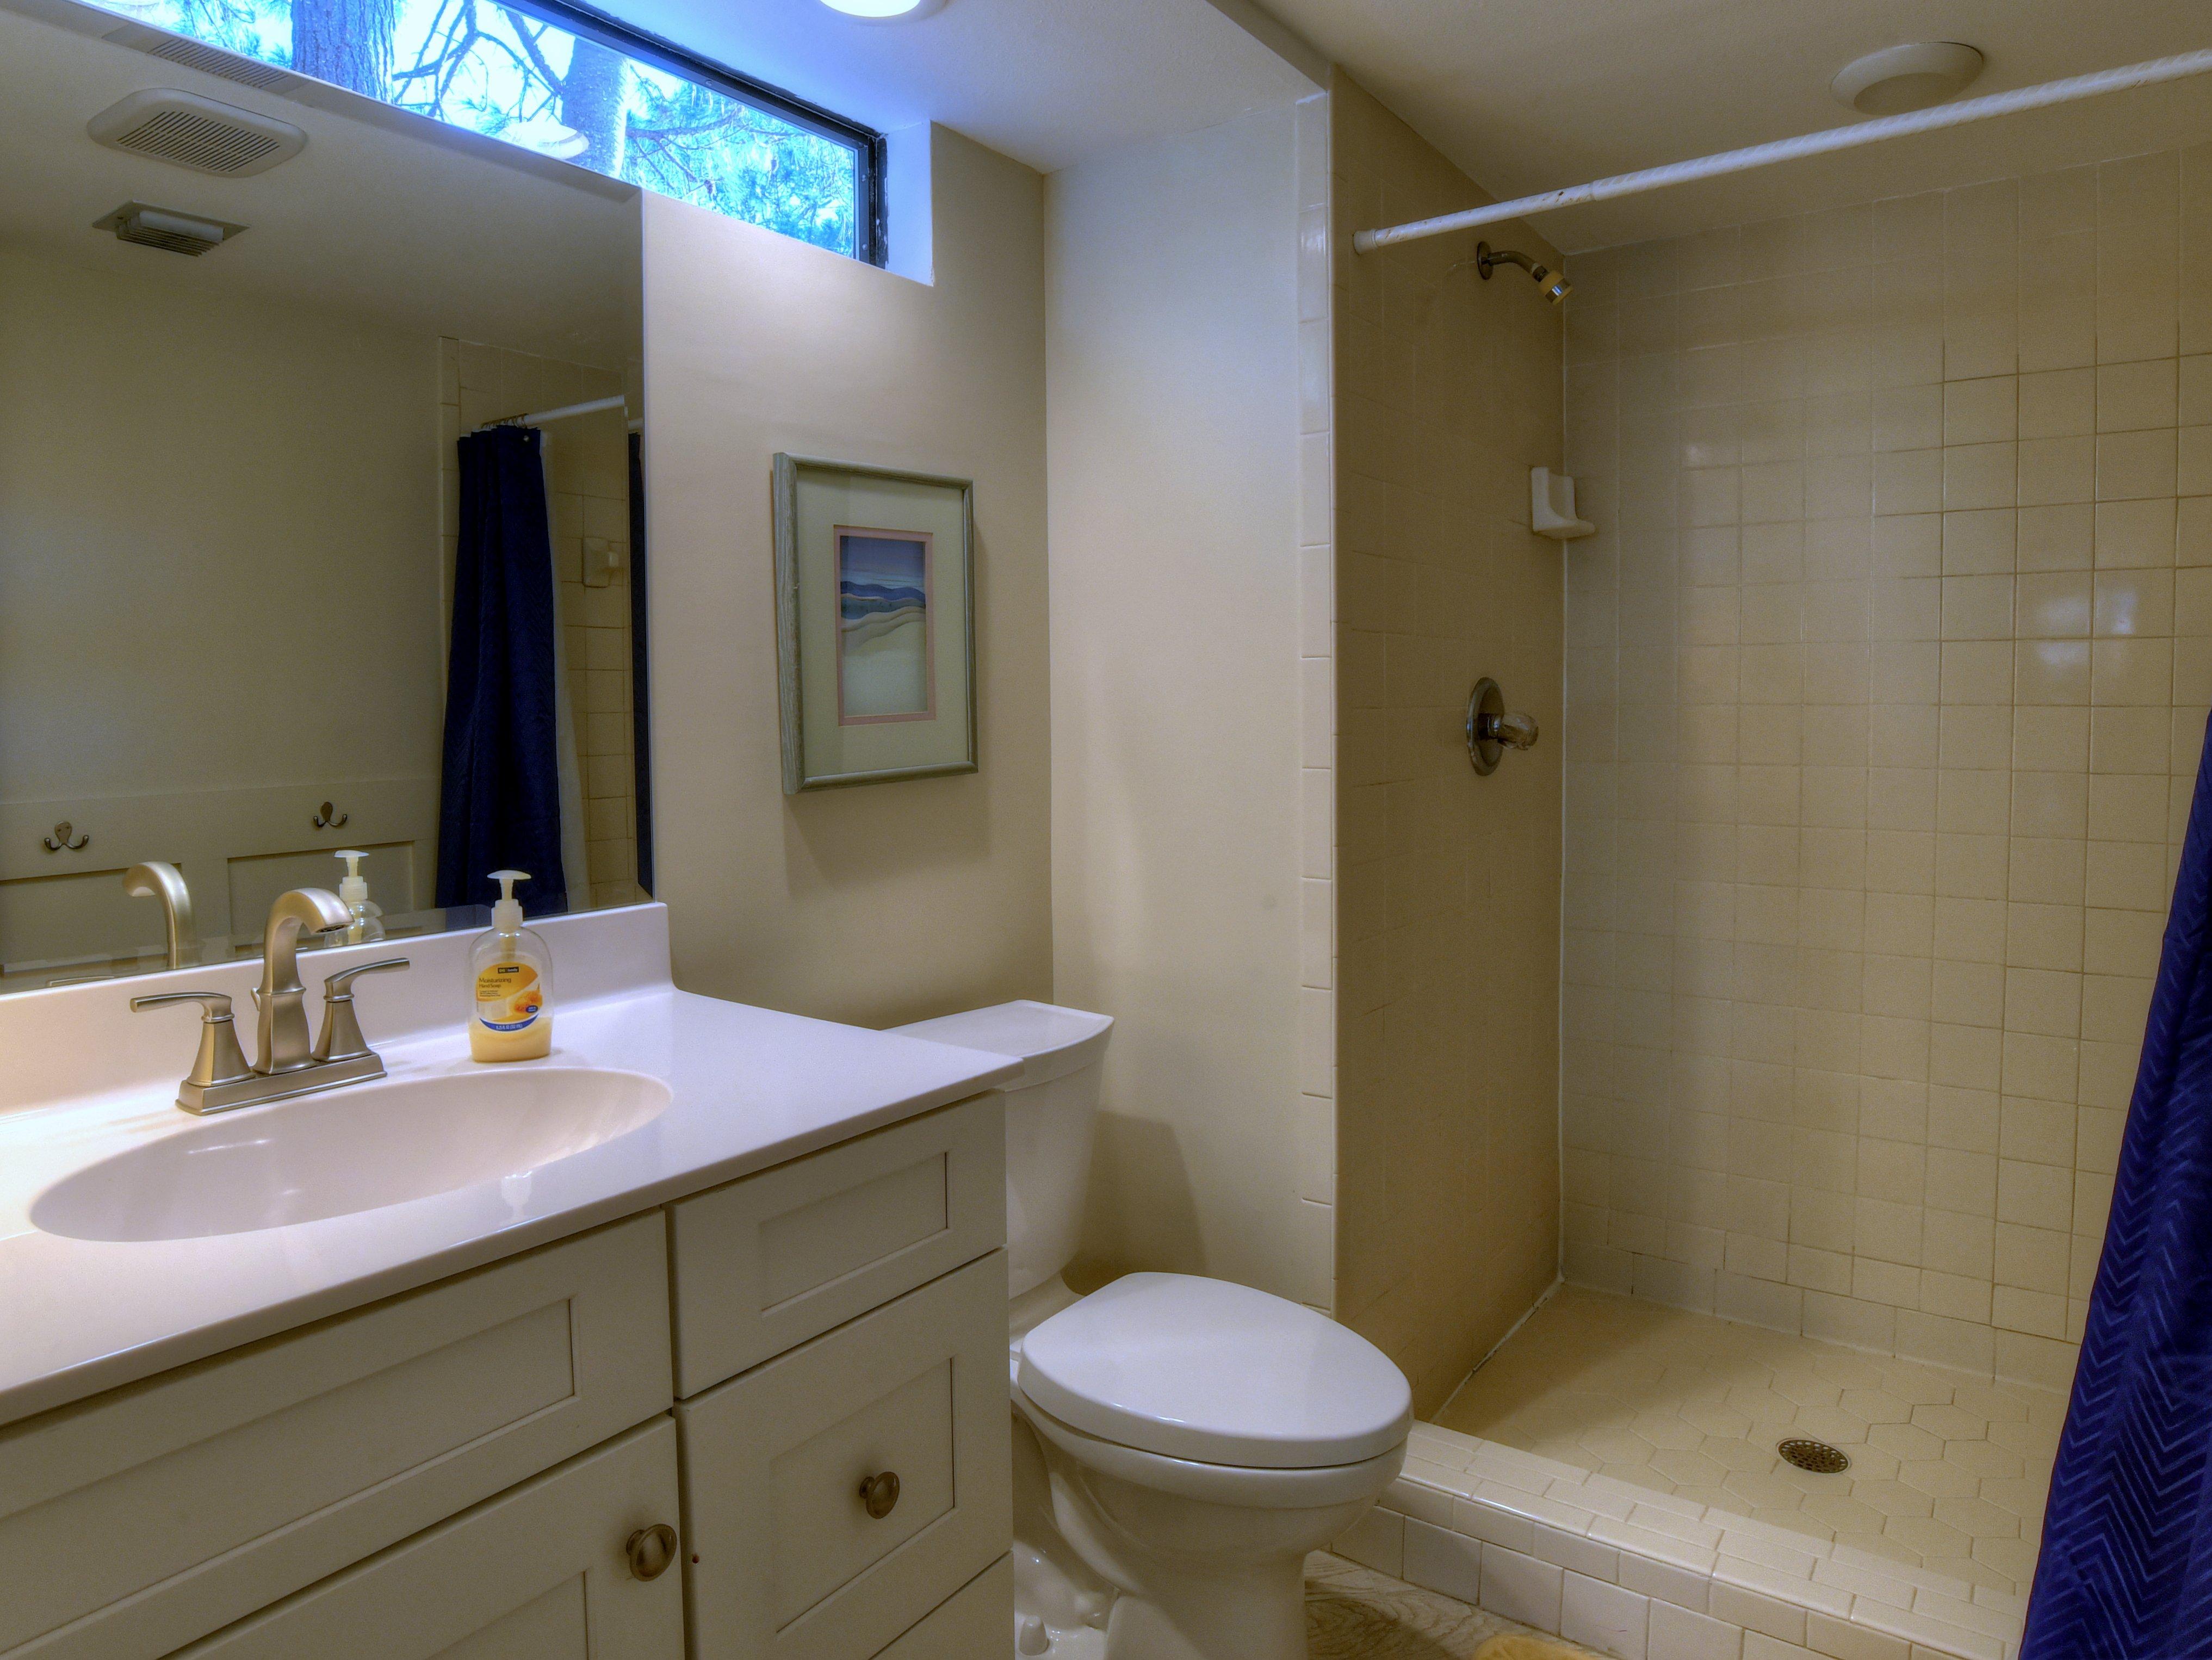 205 Fairways Condo rental in Sandestin Rentals ~ Cottages and Villas  in Destin Florida - #11